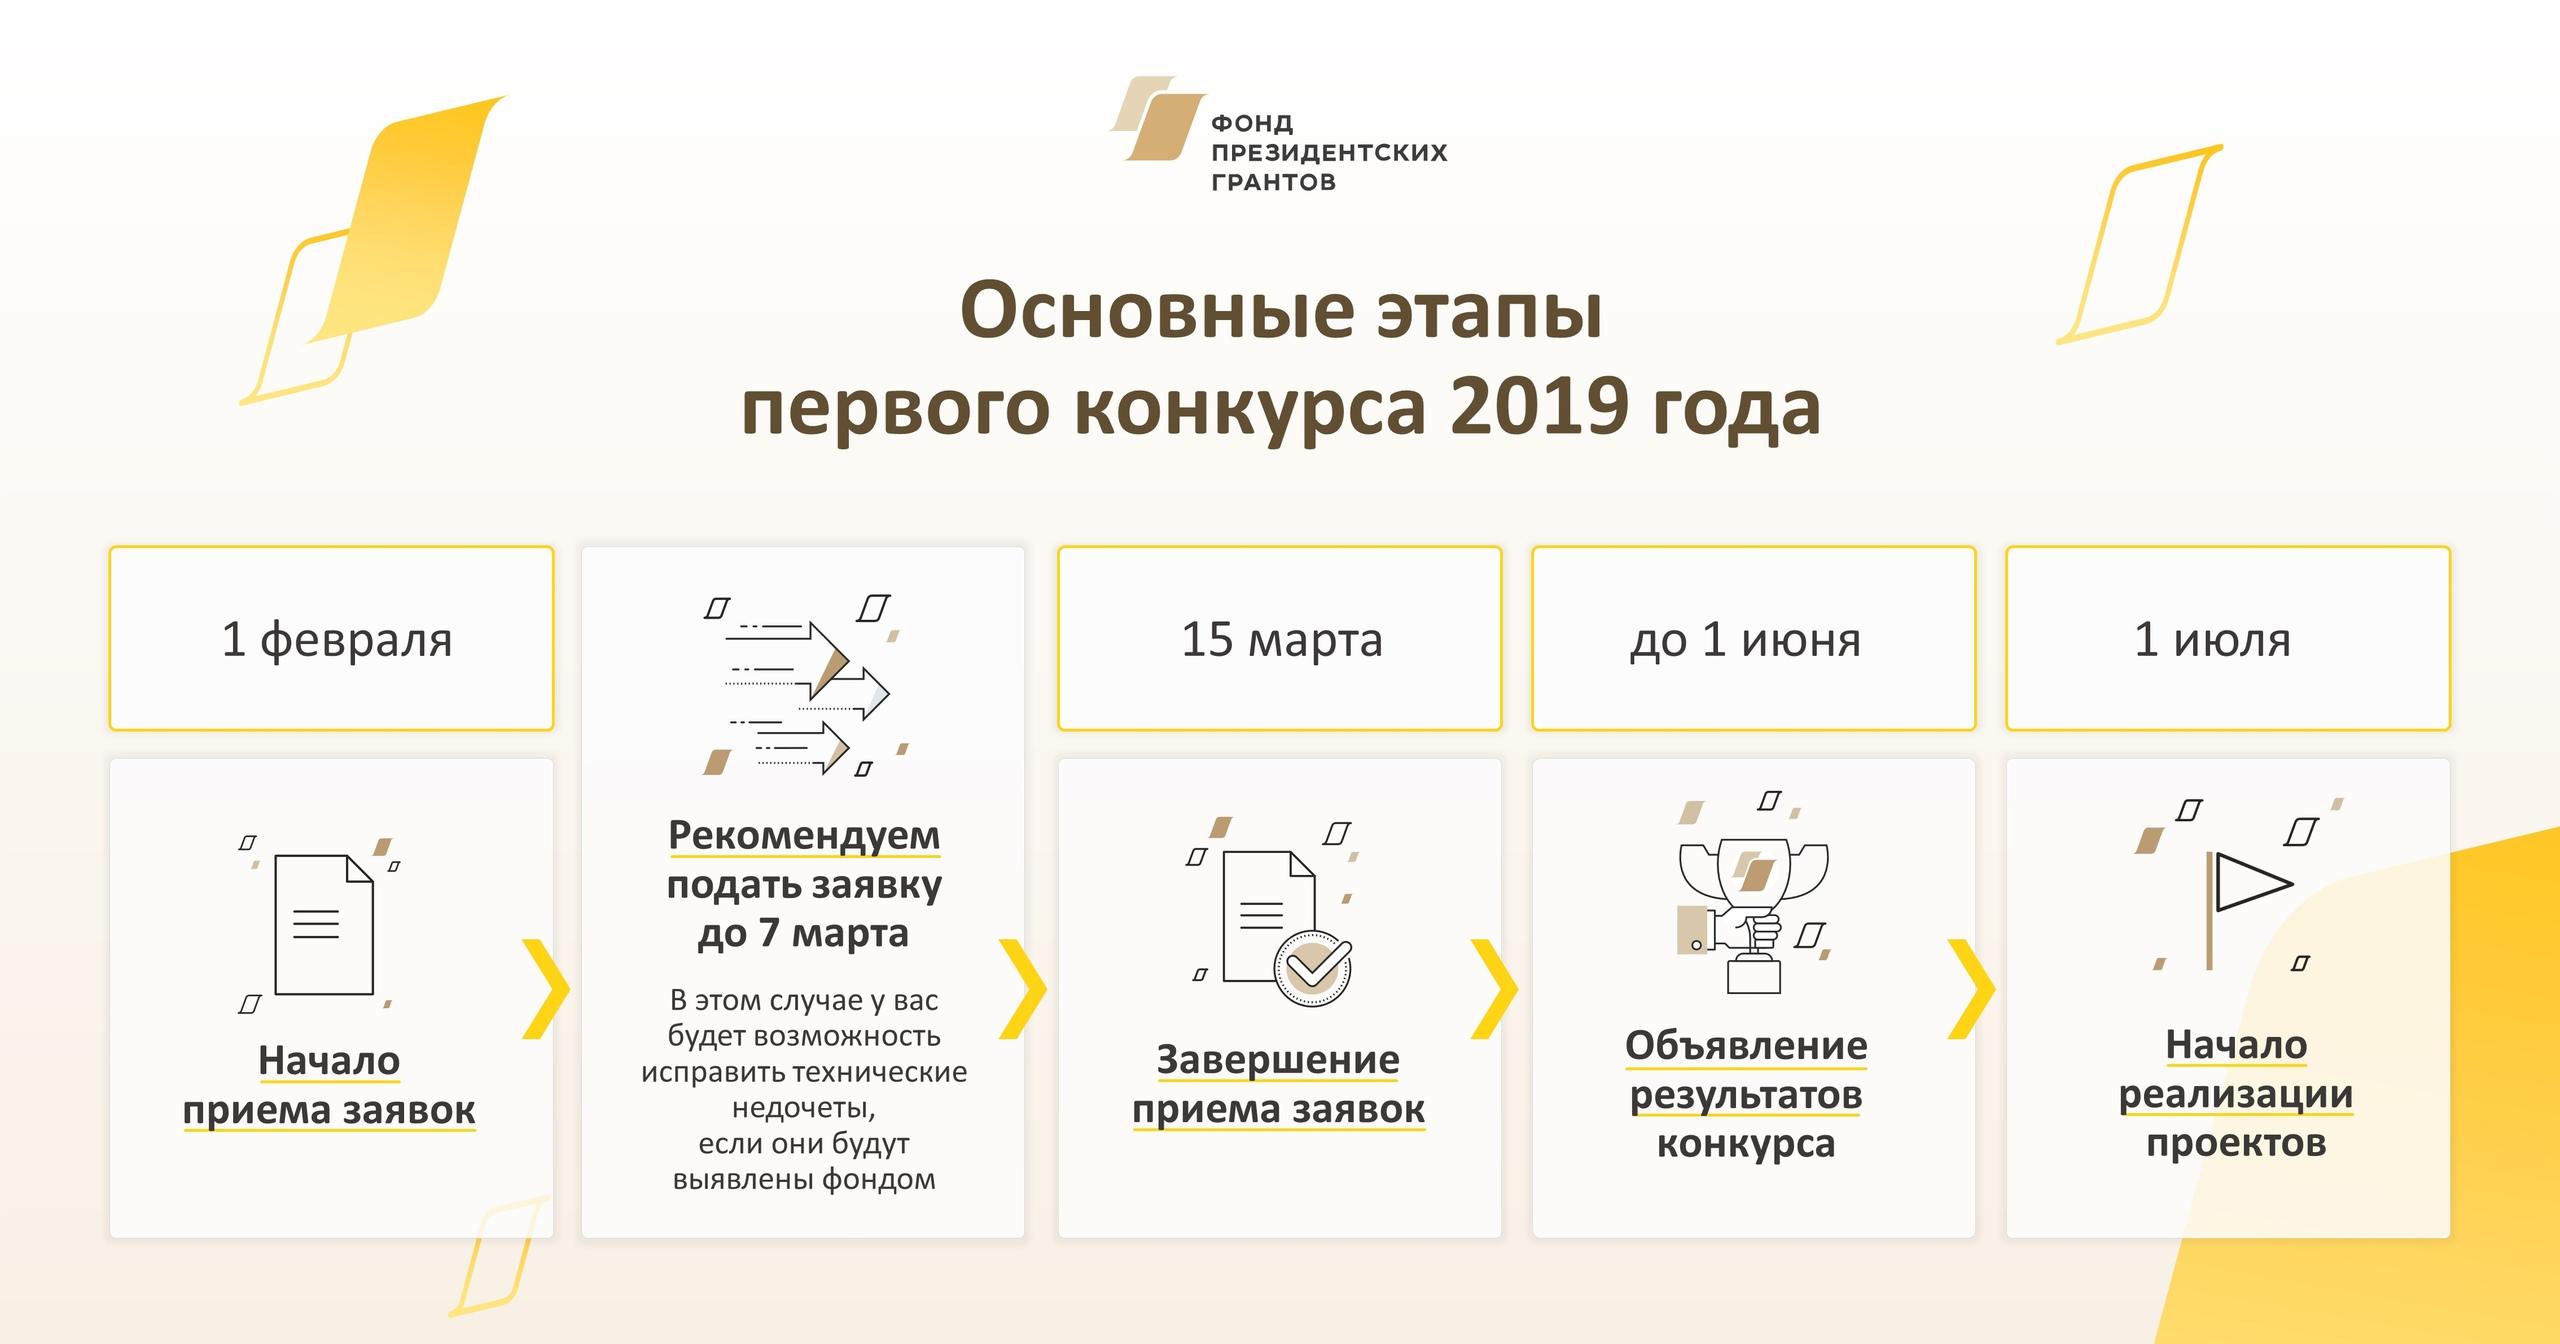 Этапы первого конкурса Президентских грантов 2019 года